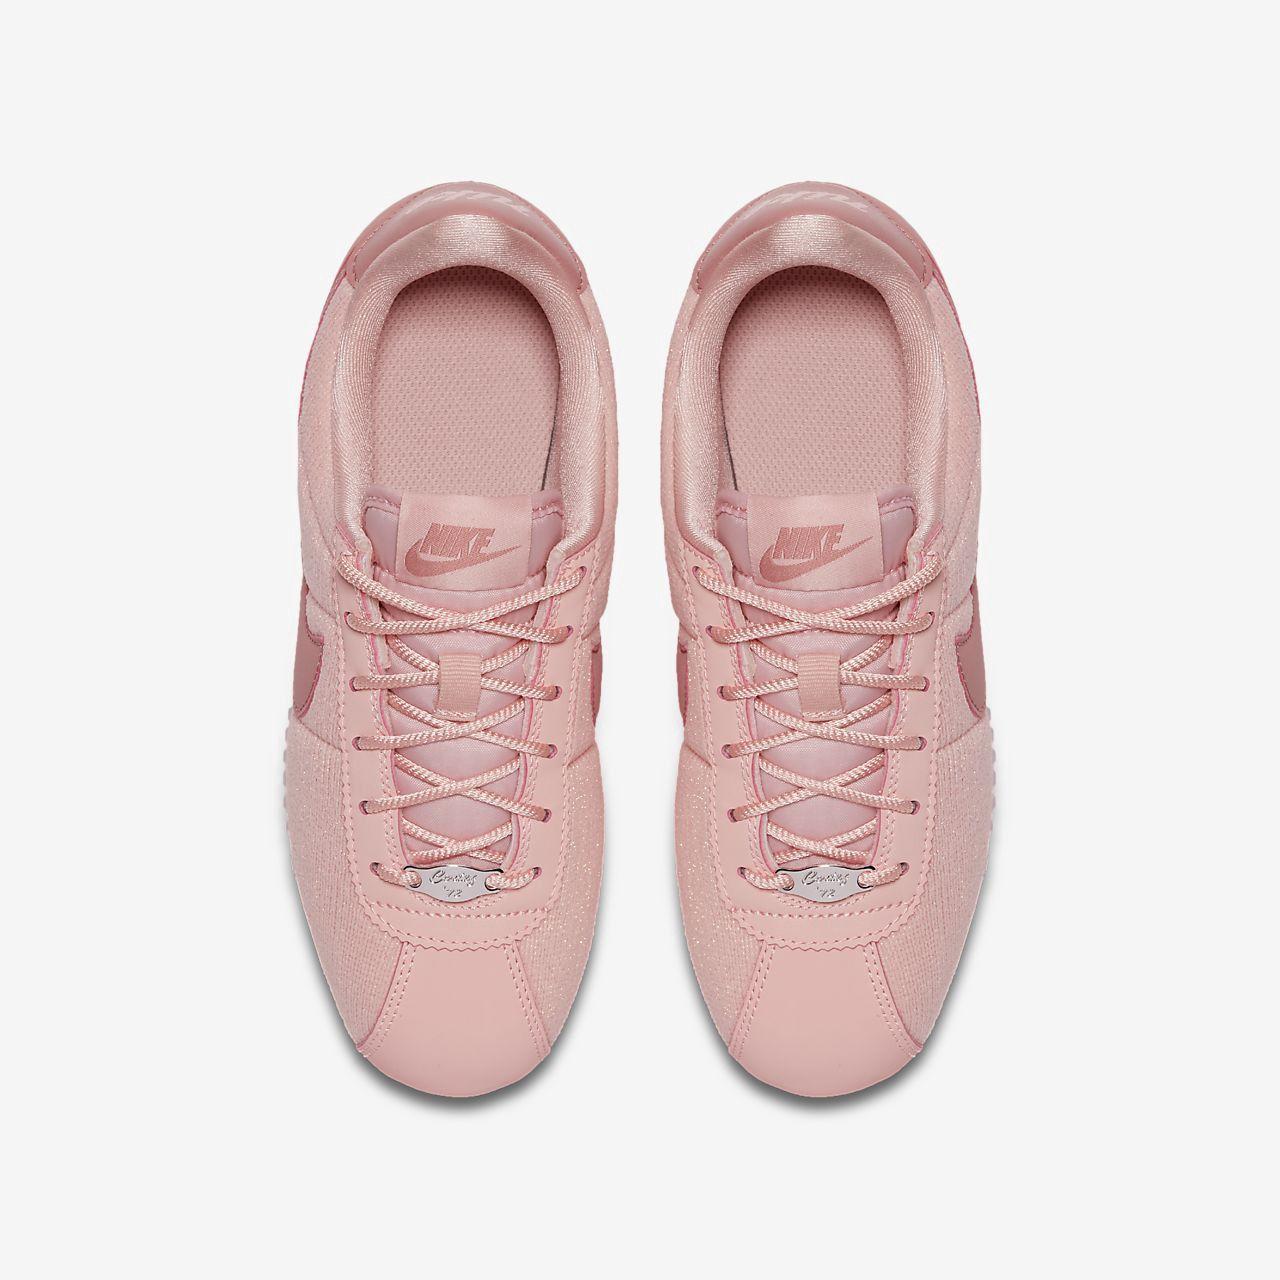 Nike Cortez Basic Text Se Big Kids  Shoe - 6.5Y  ef6de56ec